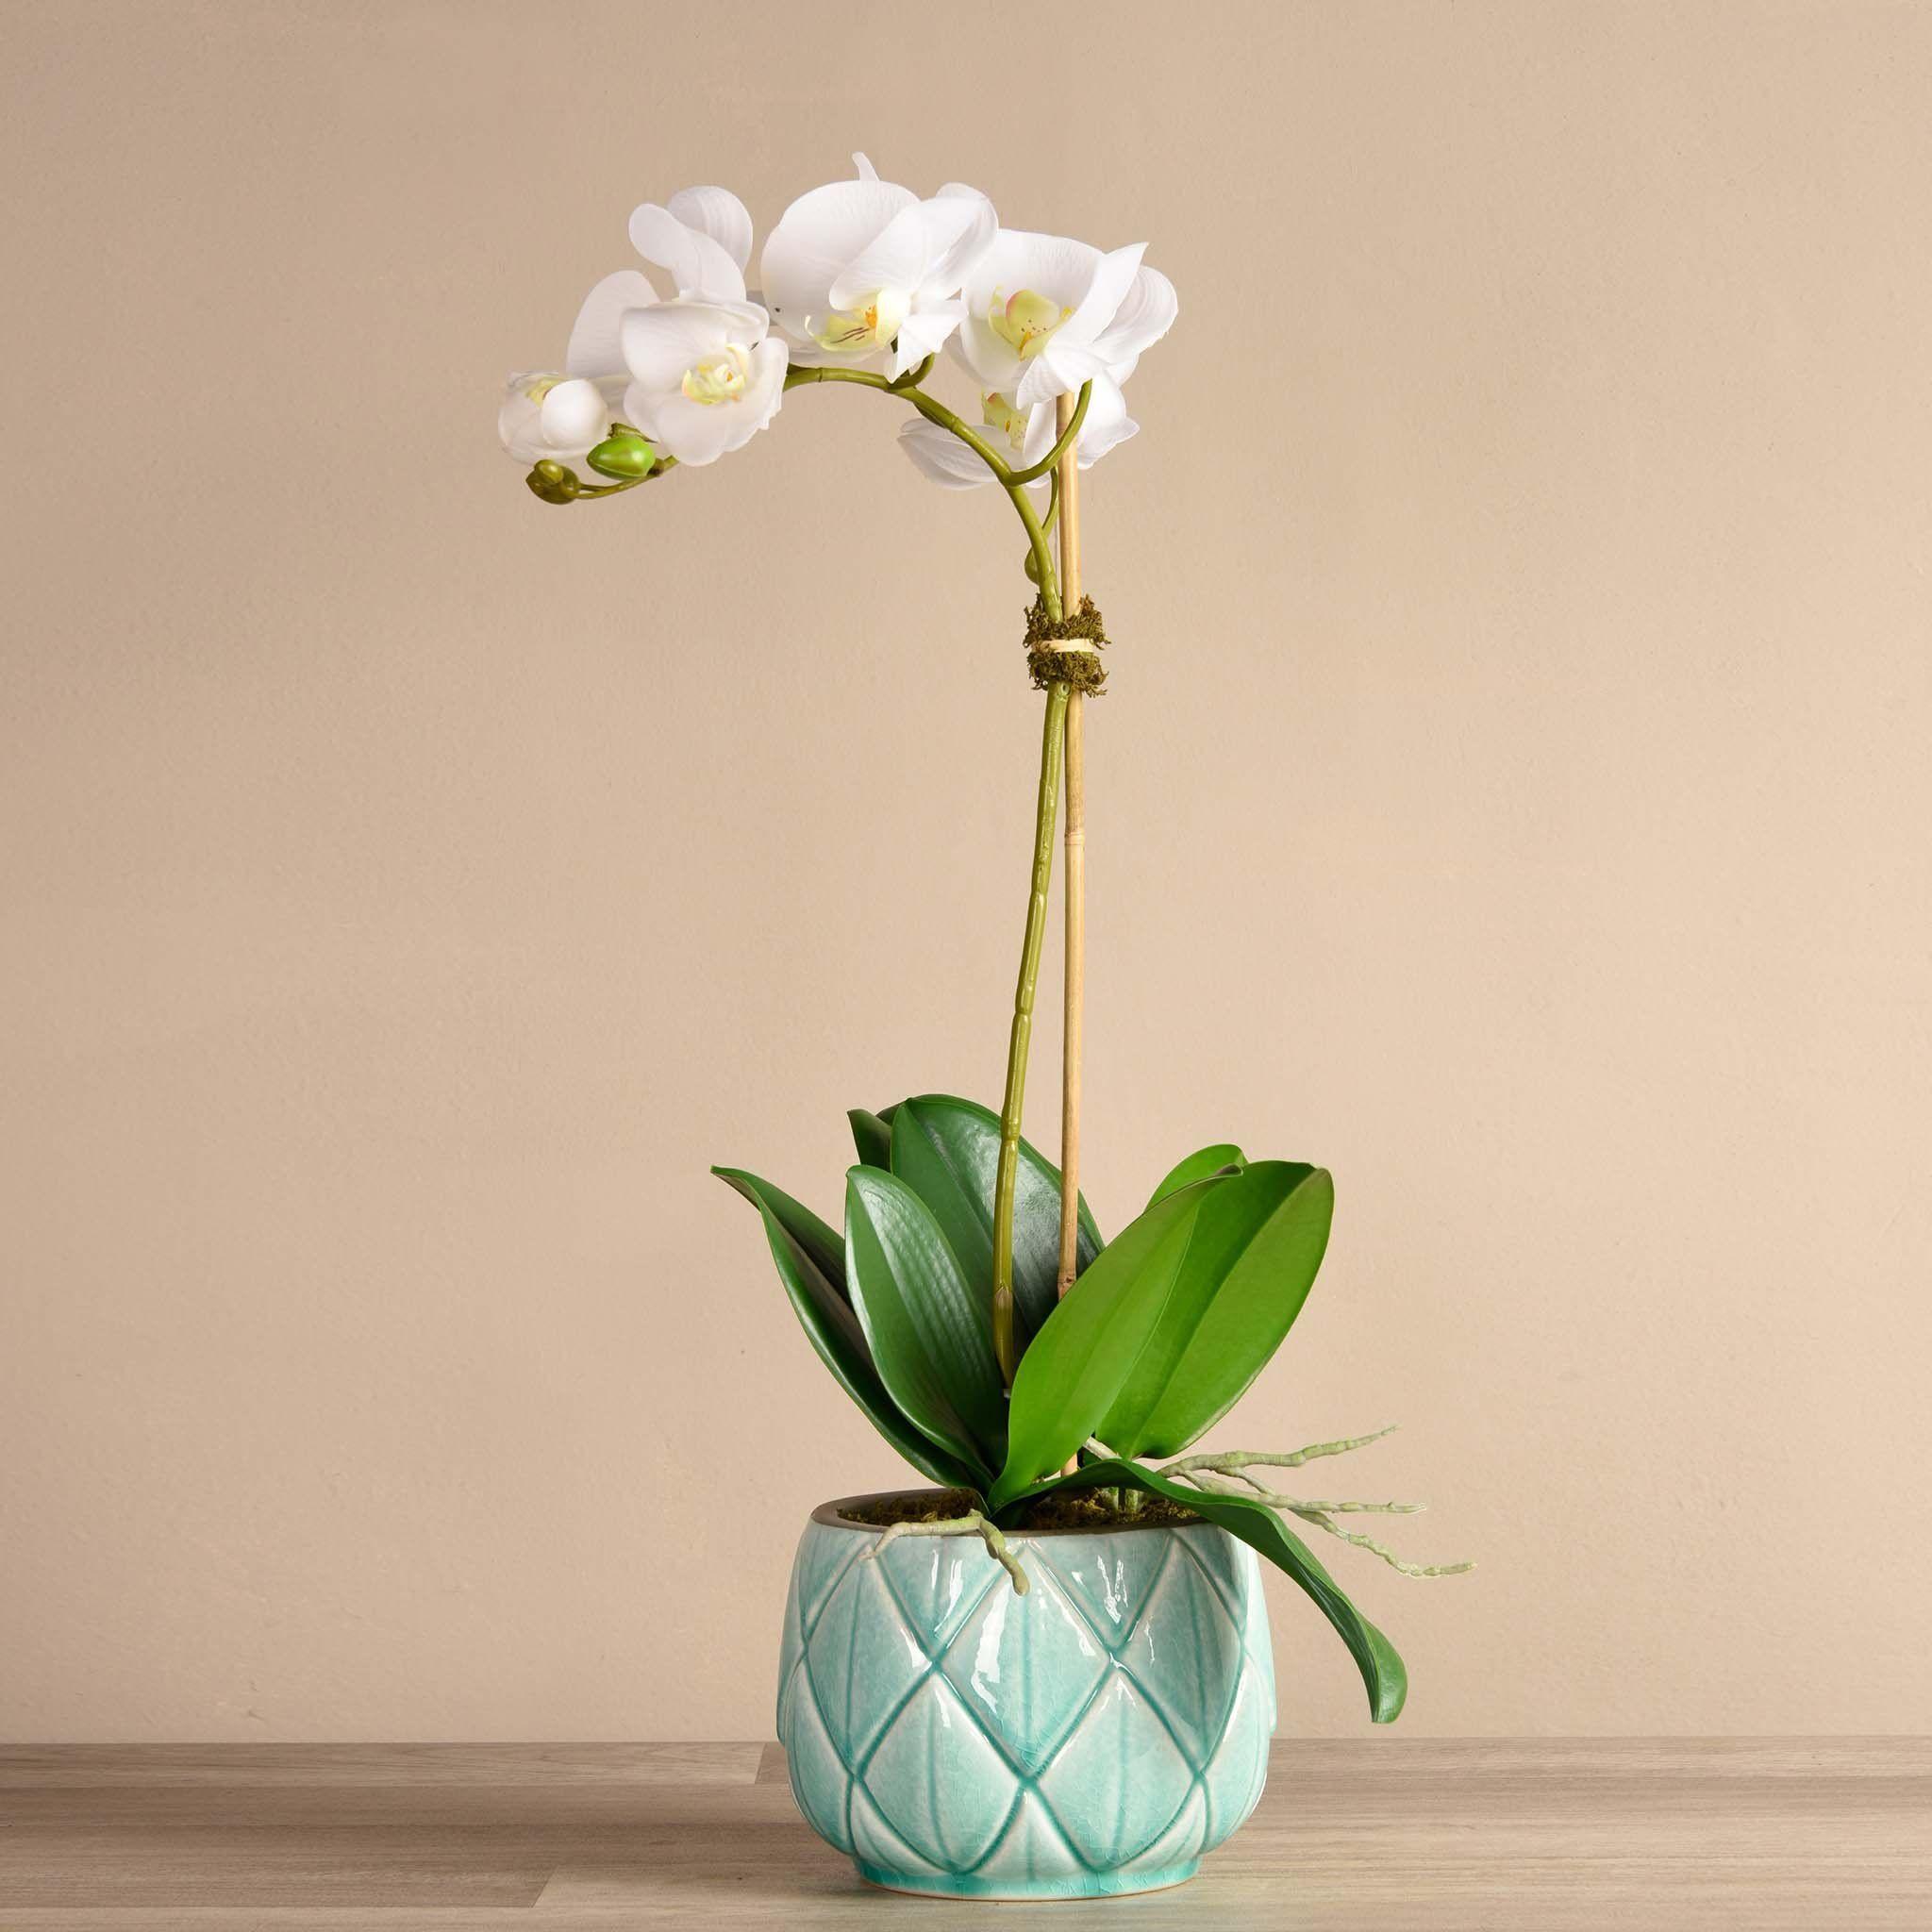 stella orchid arrangement products orchid arrangements orchids rh pinterest com